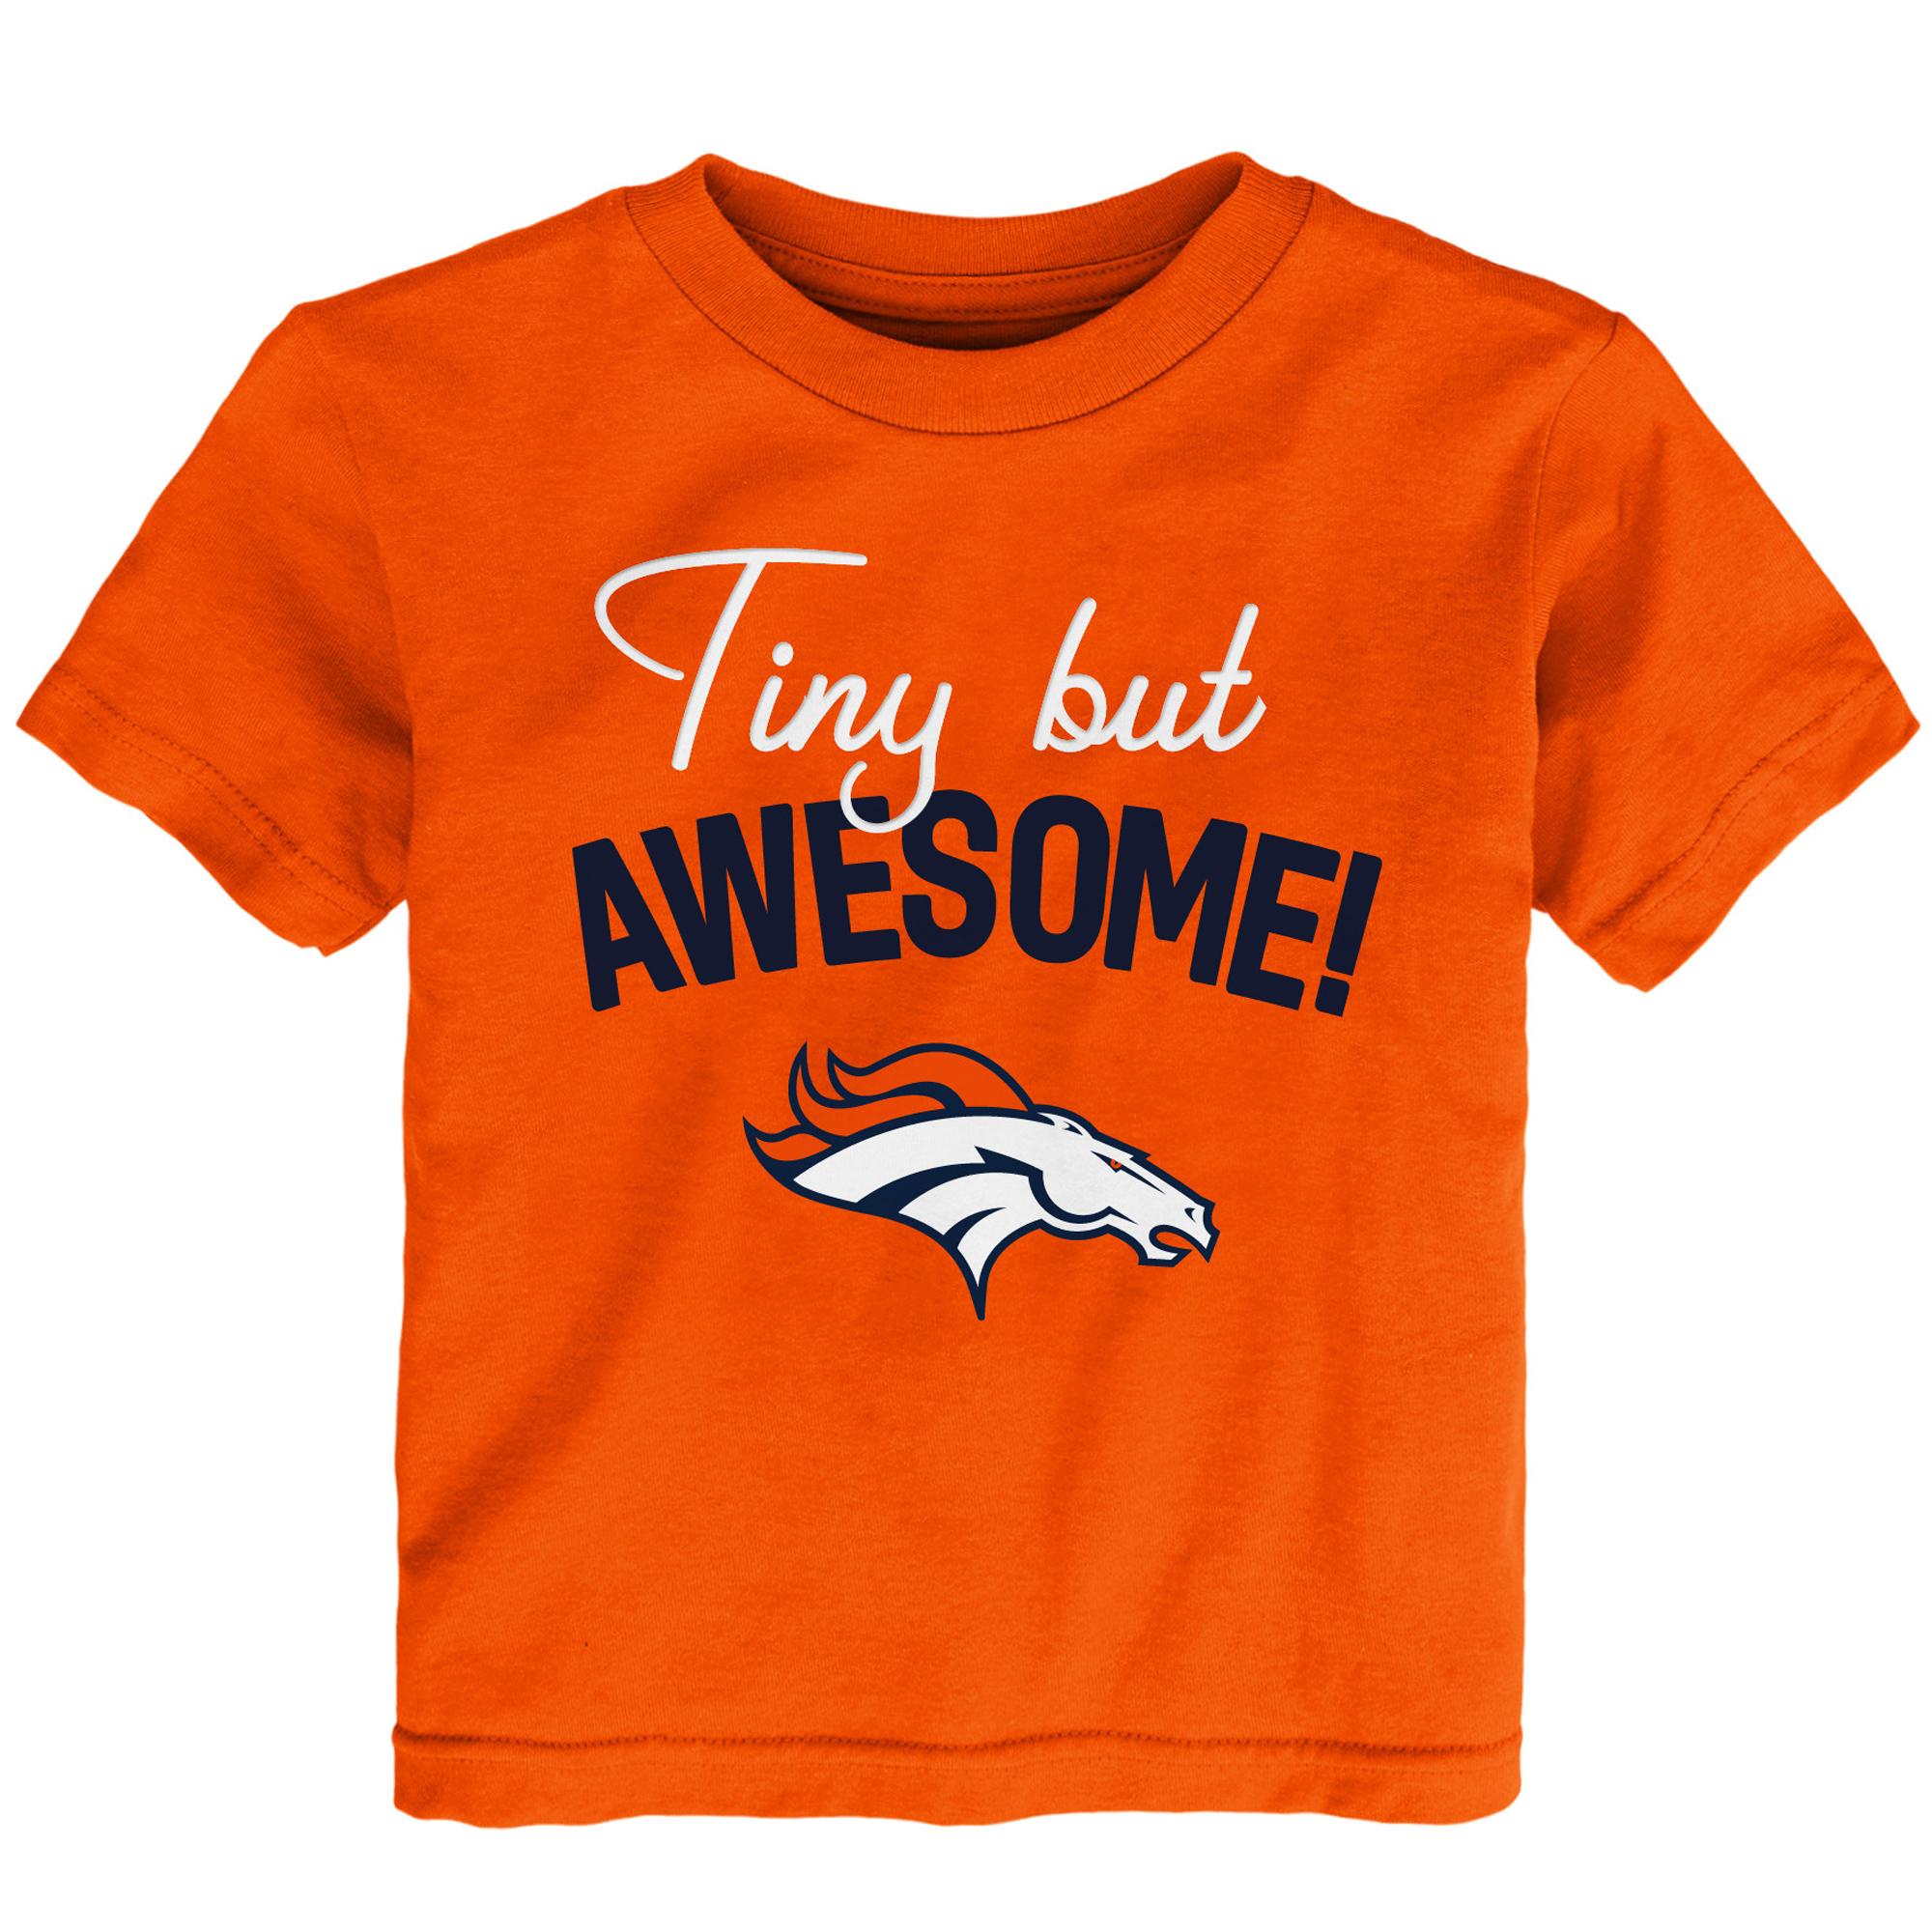 Denver Broncos Preschool Awesome Script T-Shirt - Orange